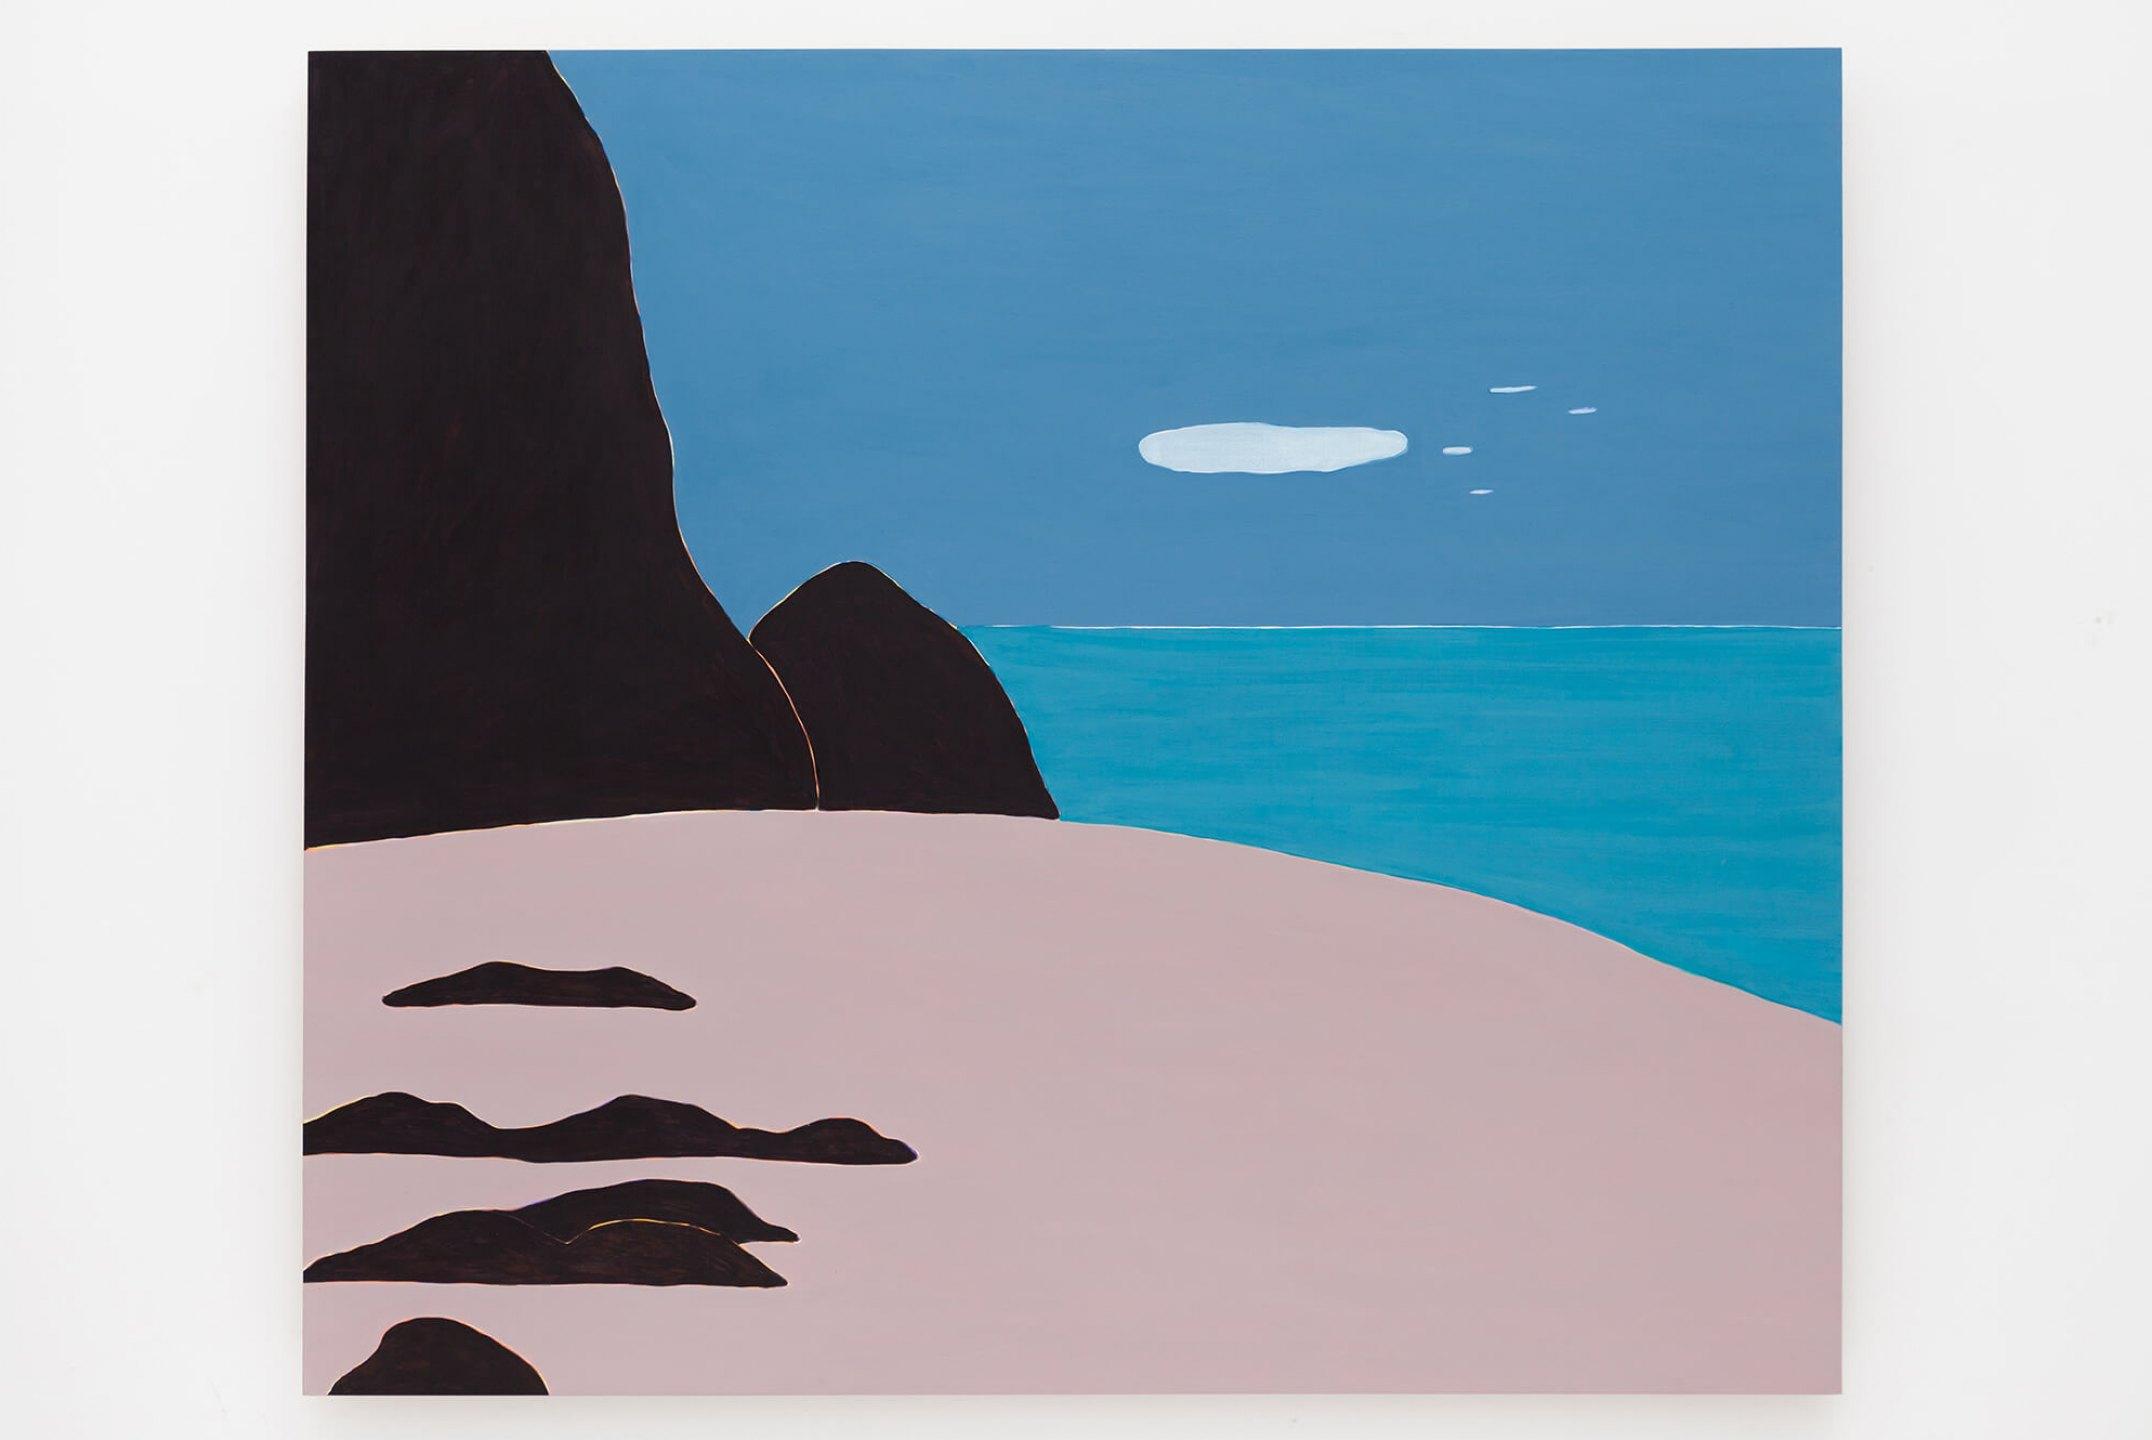 Patricia Leite, <em>Fim de tarde com nuvem</em>,2015, oil on wood, 140×160 cm - Mendes Wood DM